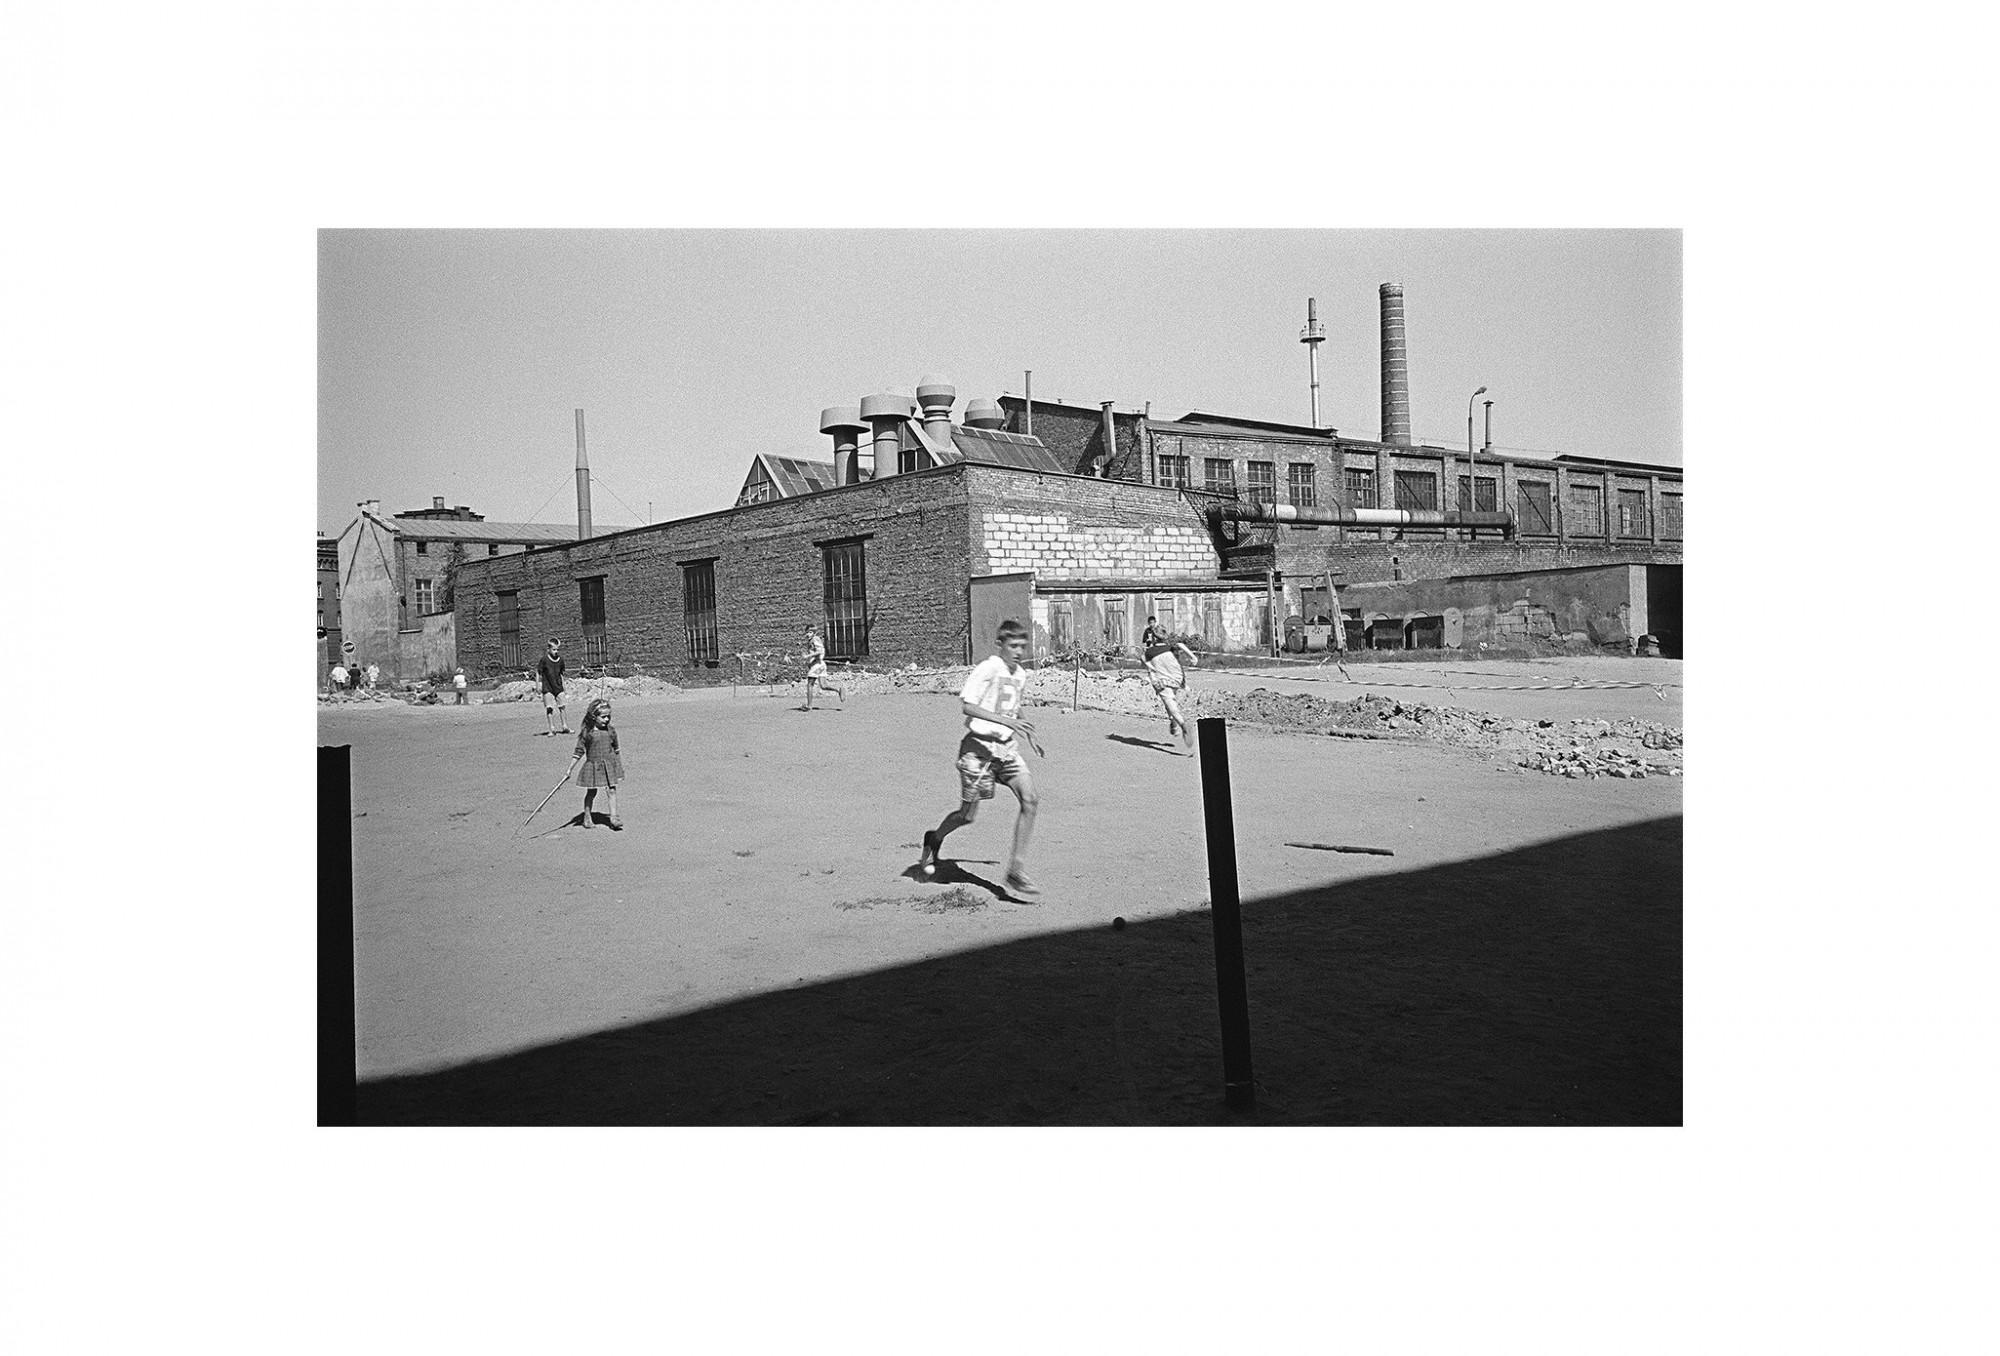 Afbeelding: Uit de reeks : Polen, een kast op glazen poten, 95-19-27, Gdansk,  © Dominique Van Huffel.